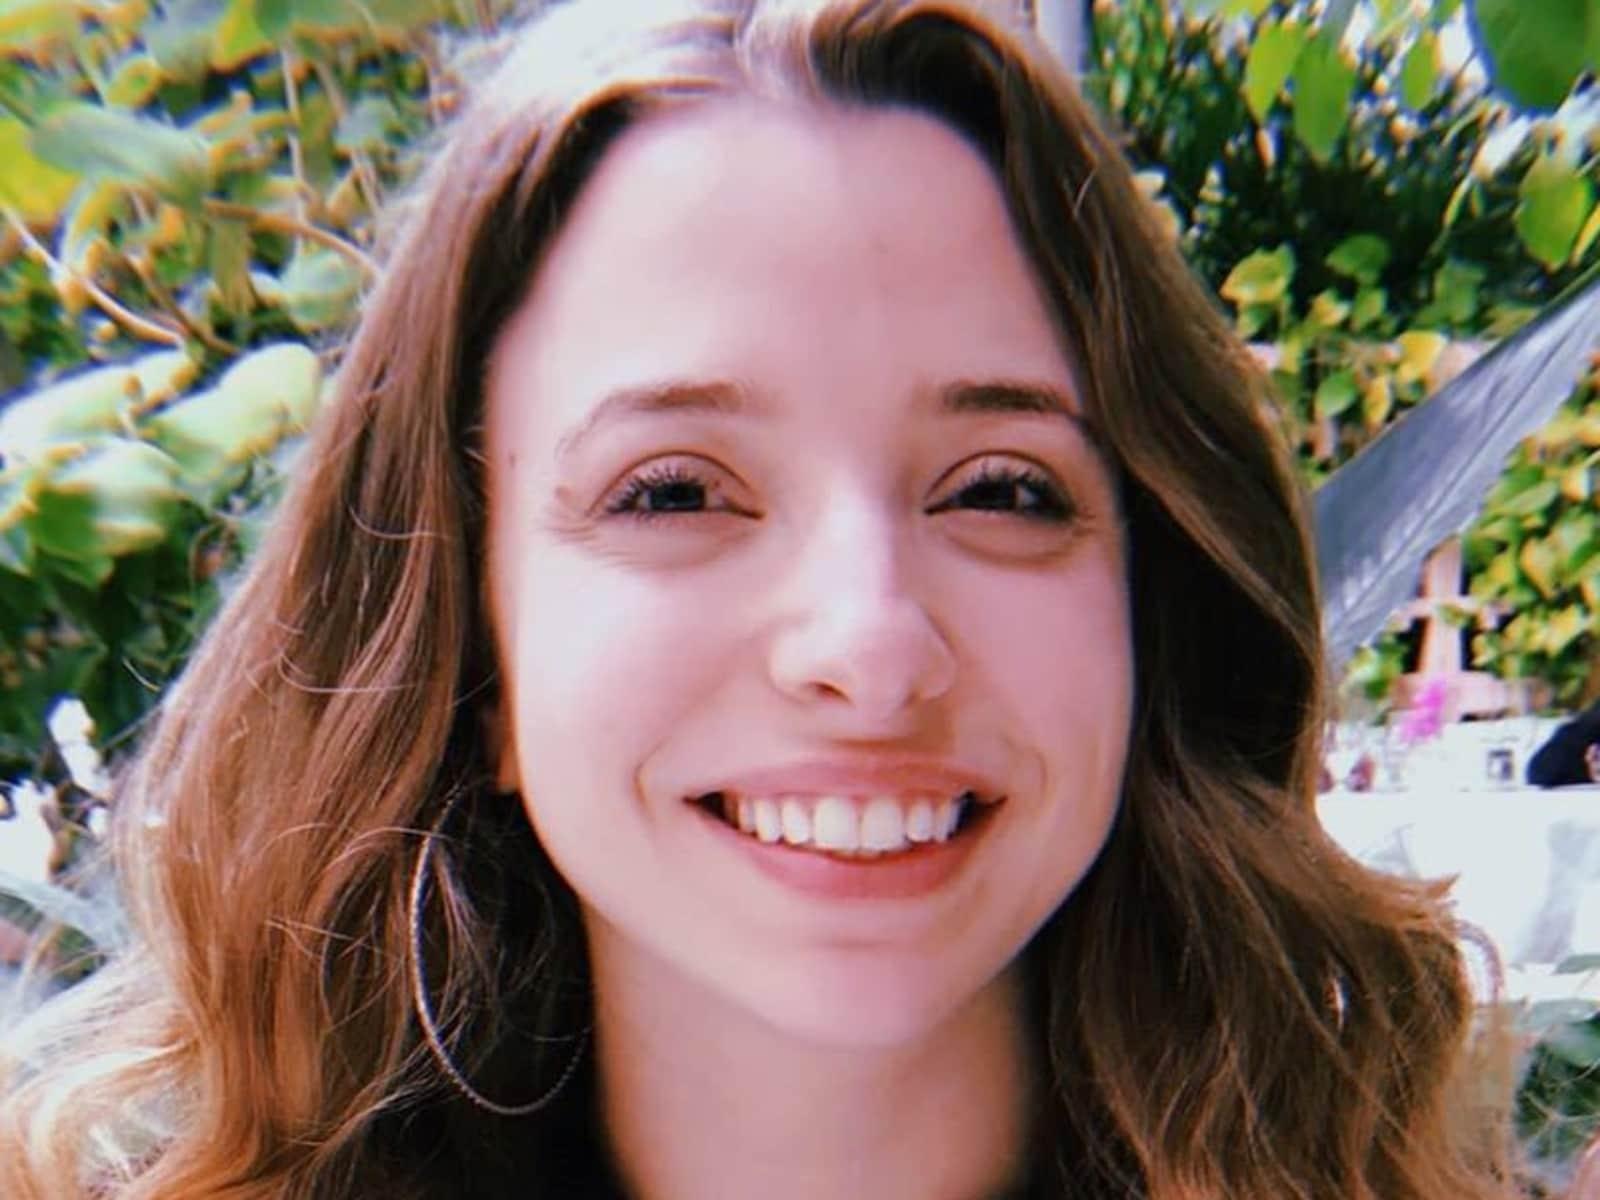 Julia from Seattle, Washington, United States